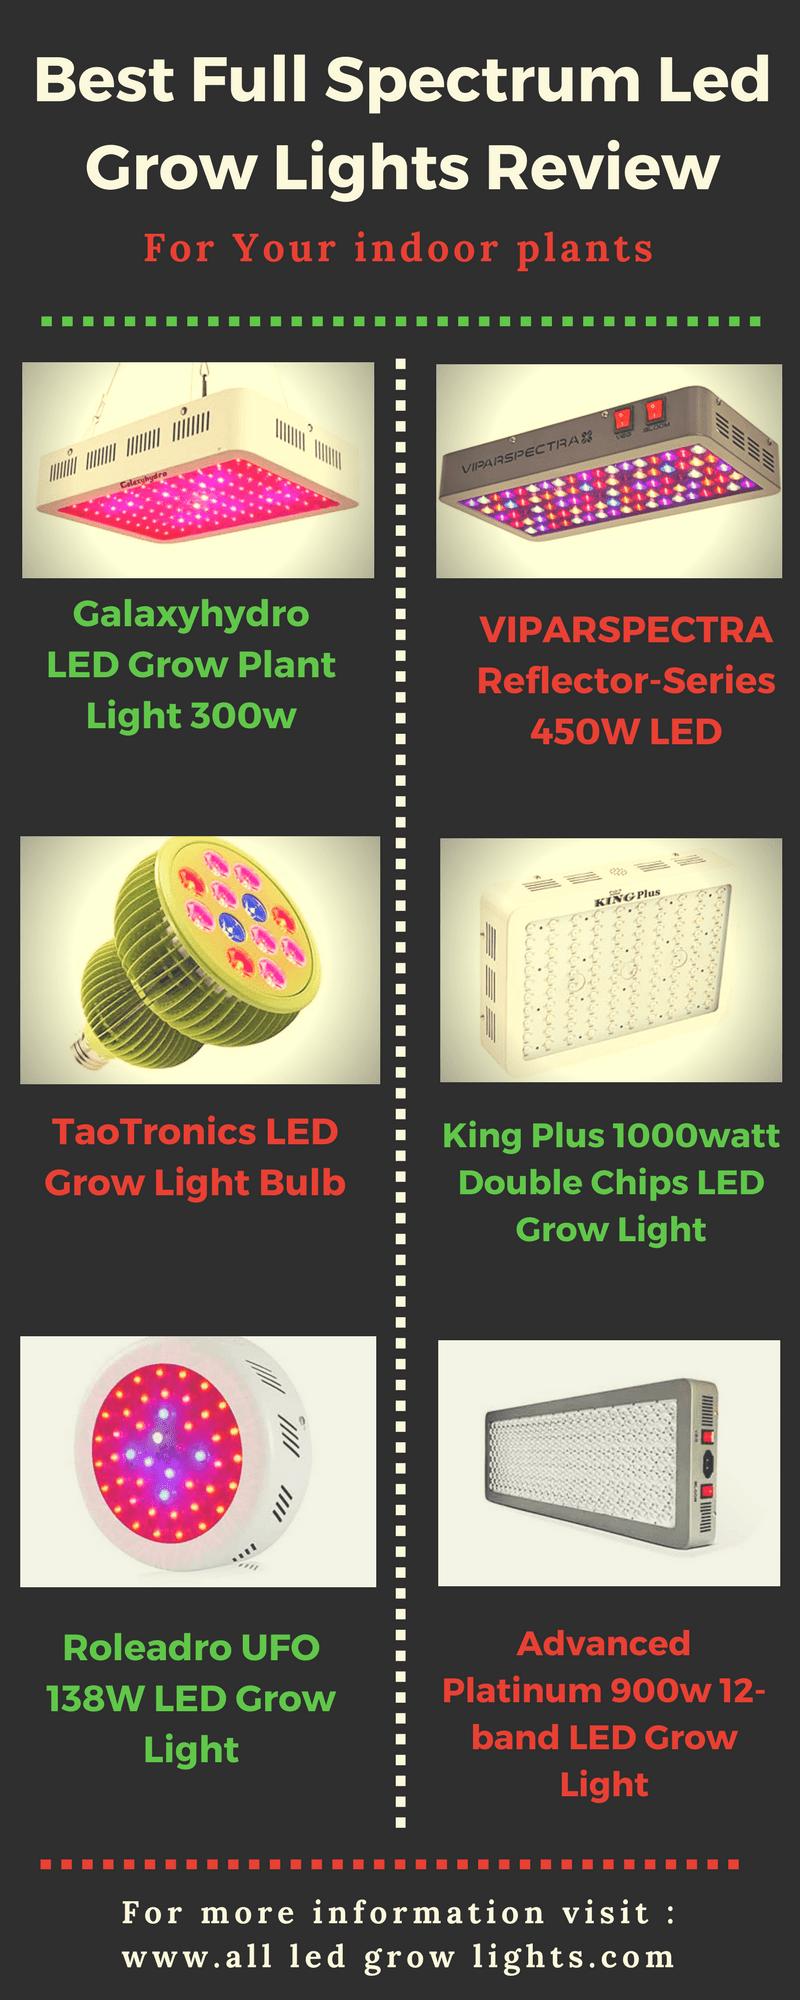 Best Full Spectrum Led Grow Lights infographic